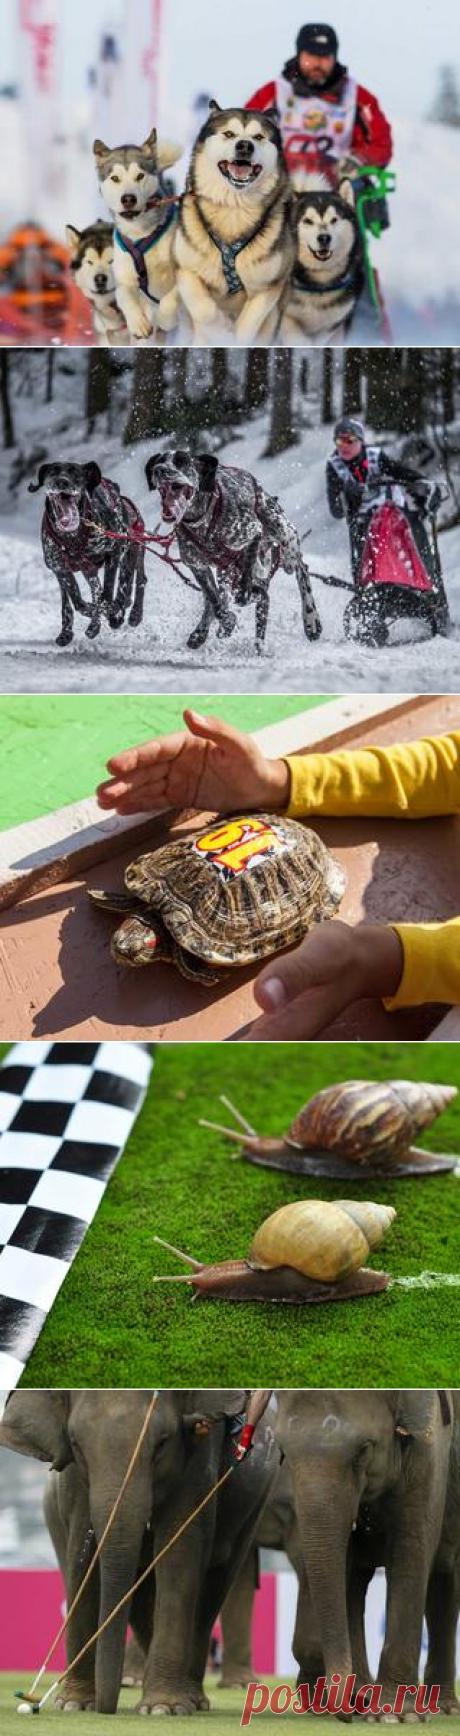 О спорте в животном мире | Зооляндия